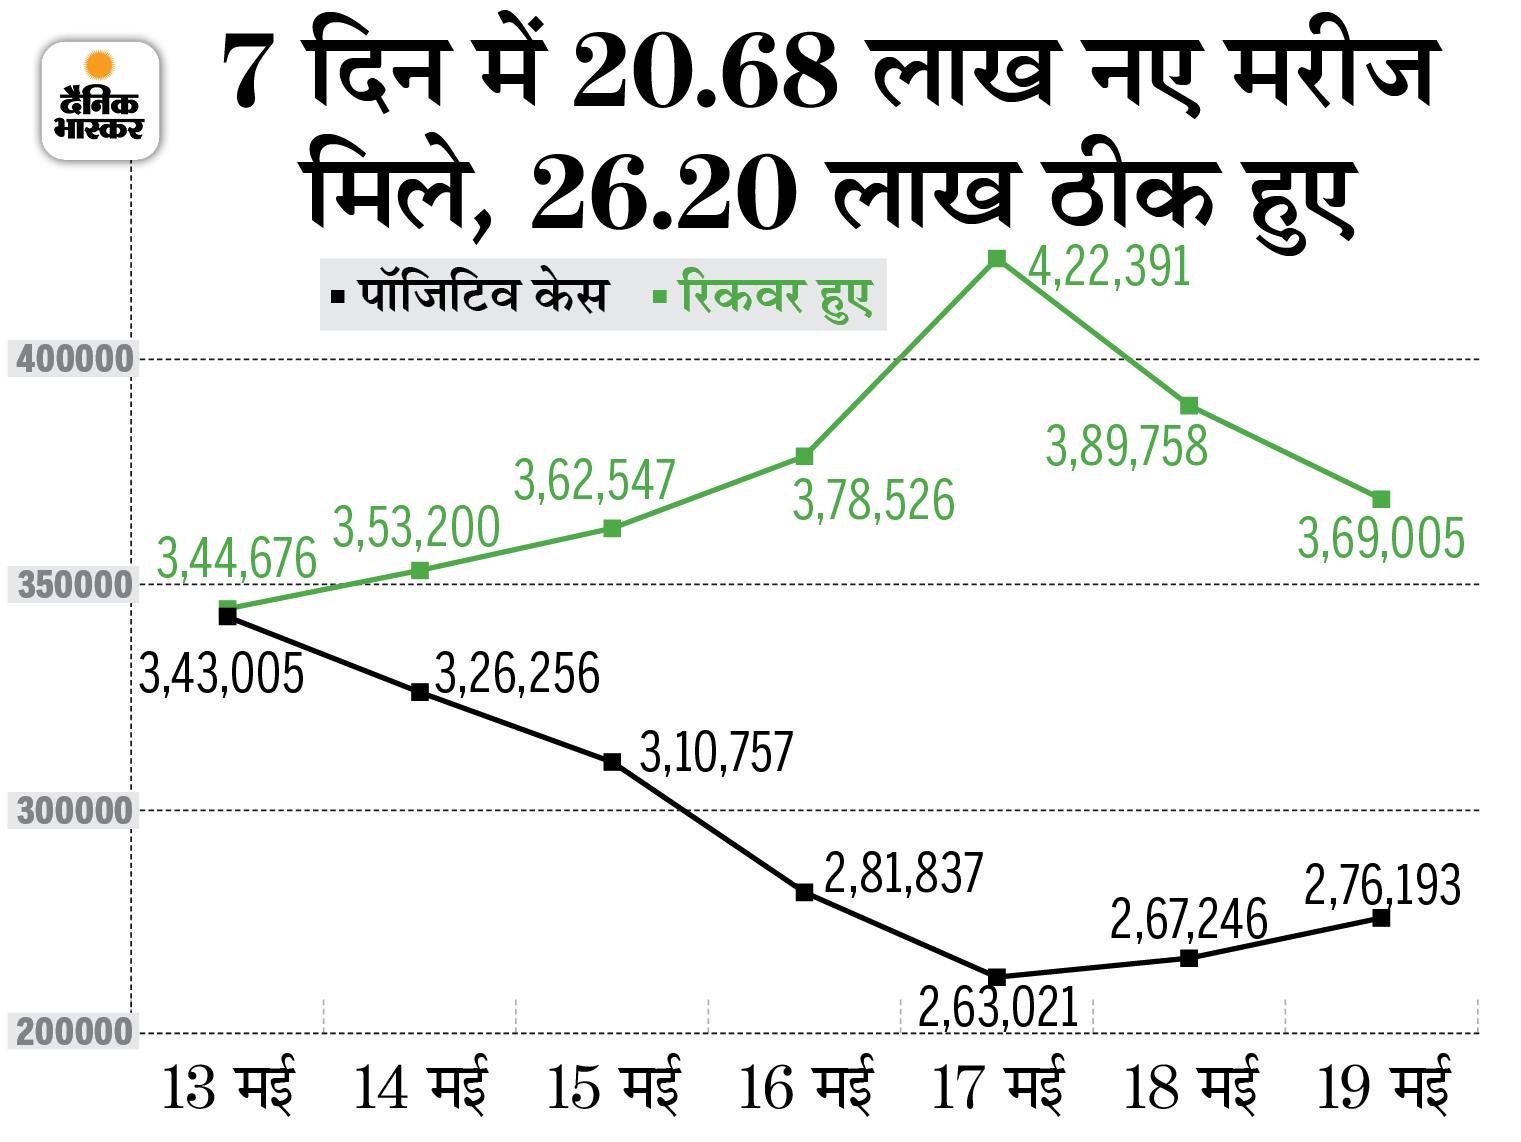 300 जिलों में पॉजिटिविटी रेट में आई गिरावट, 101 जिले ऐसे जहां रोजाना 100 से भी कम नए मरीज मिल रहें|देश,National - Dainik Bhaskar